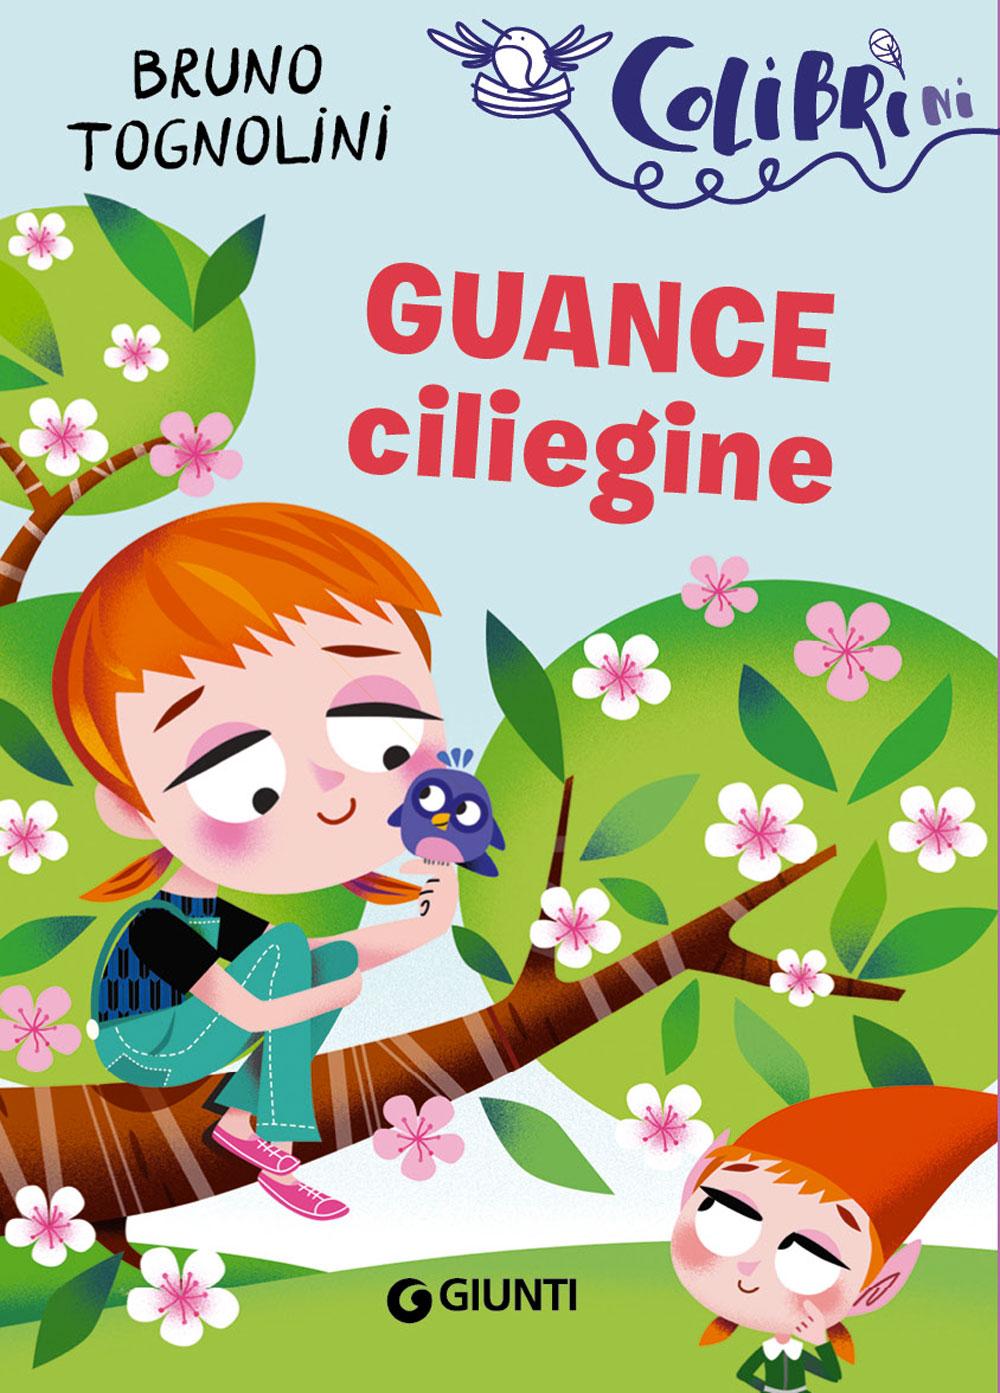 Guance ciliegine